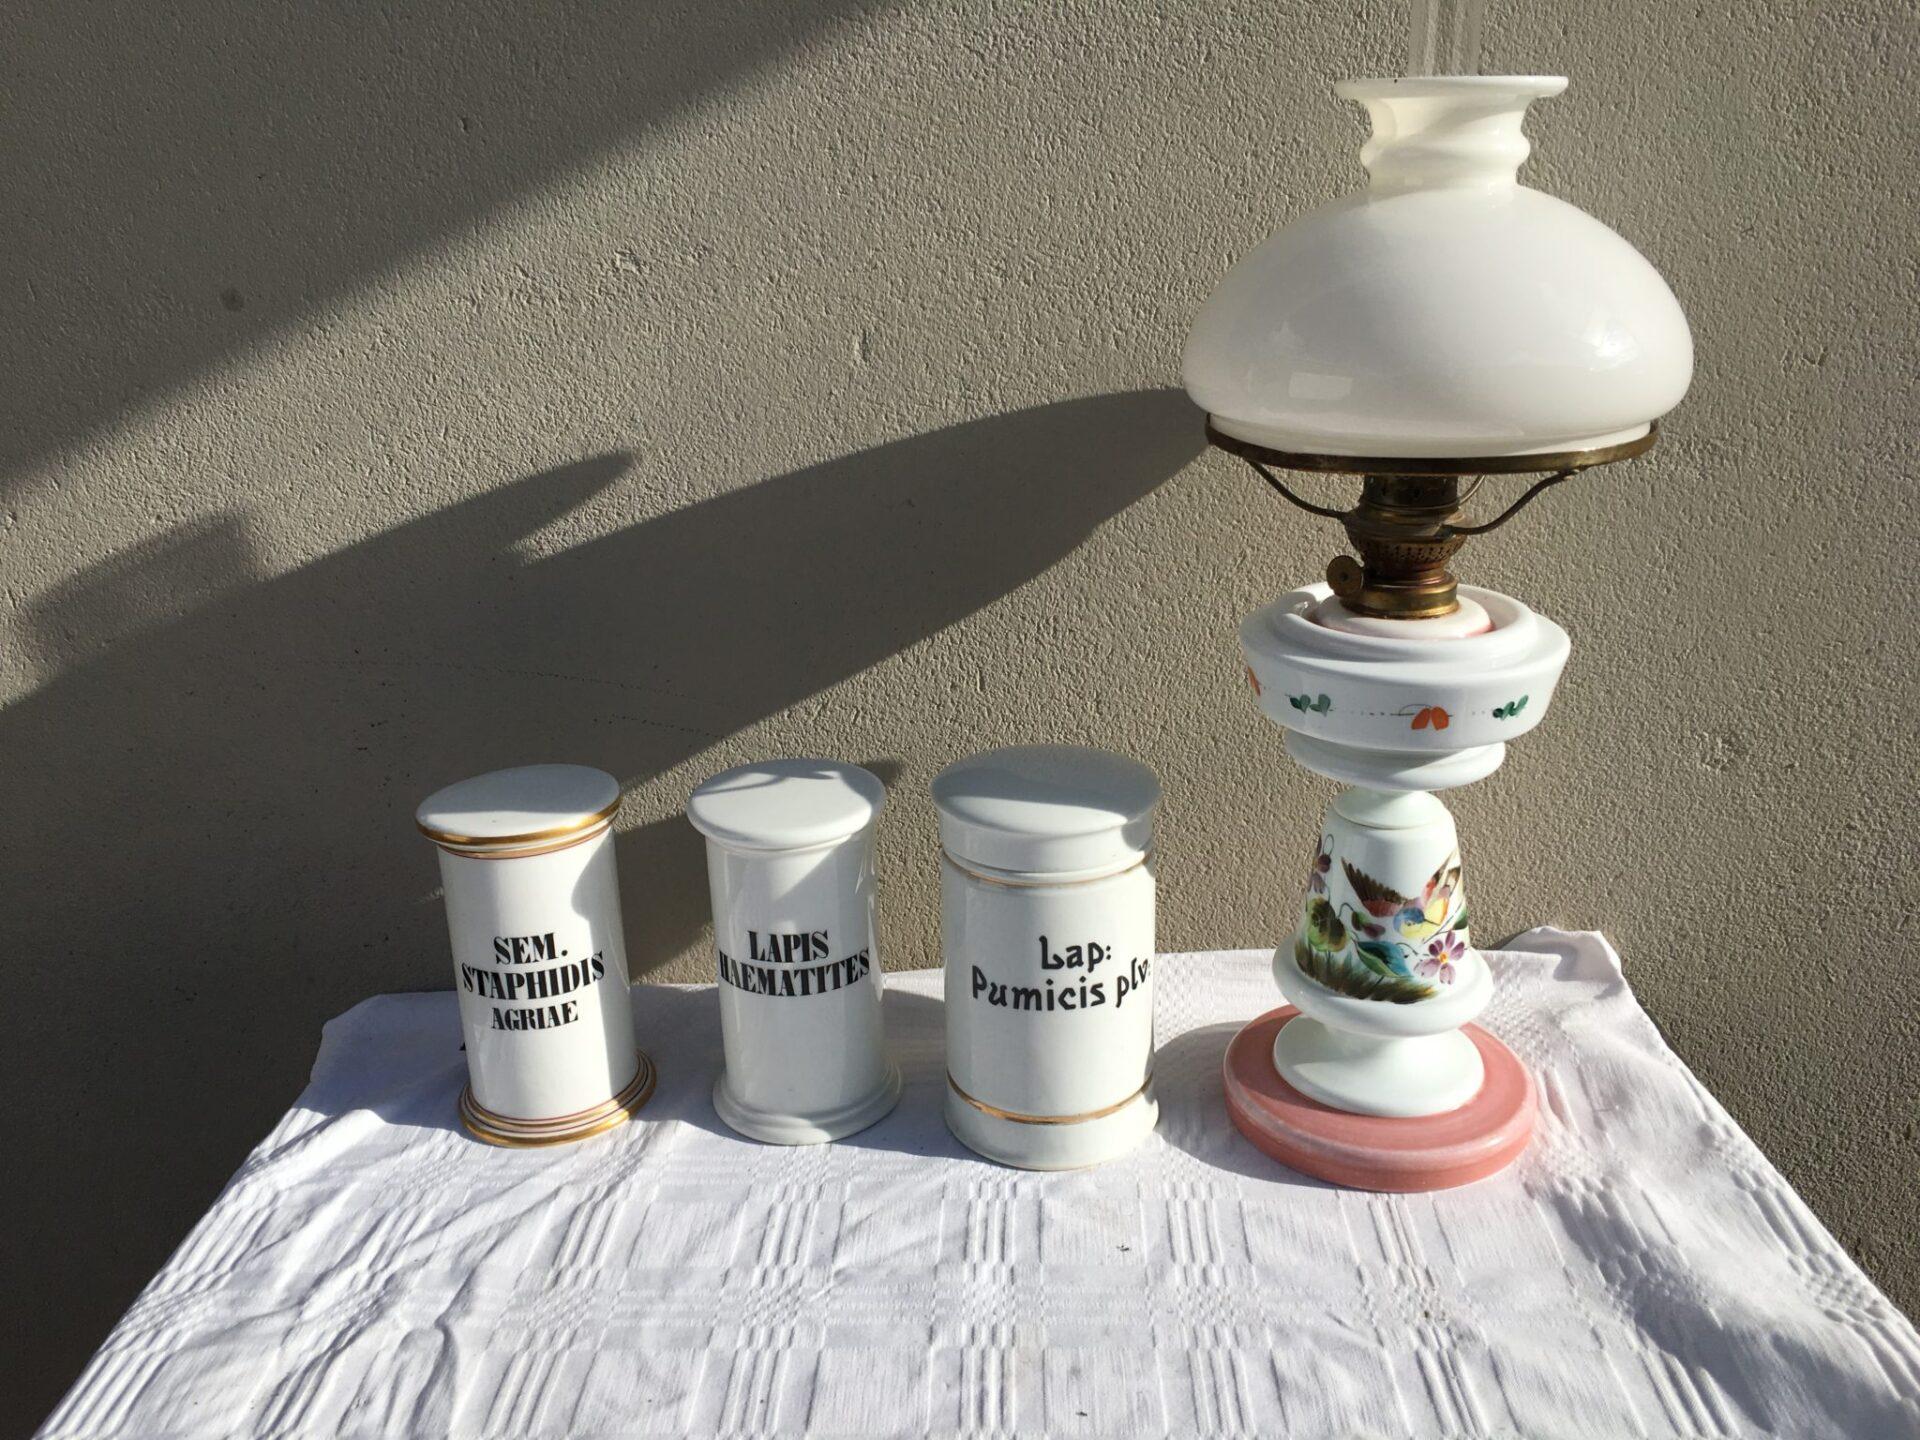 gl. apotekerkrukker pr. stk 400 kr. Petroleumslampe af bemalet opalineglas koster 1000kr